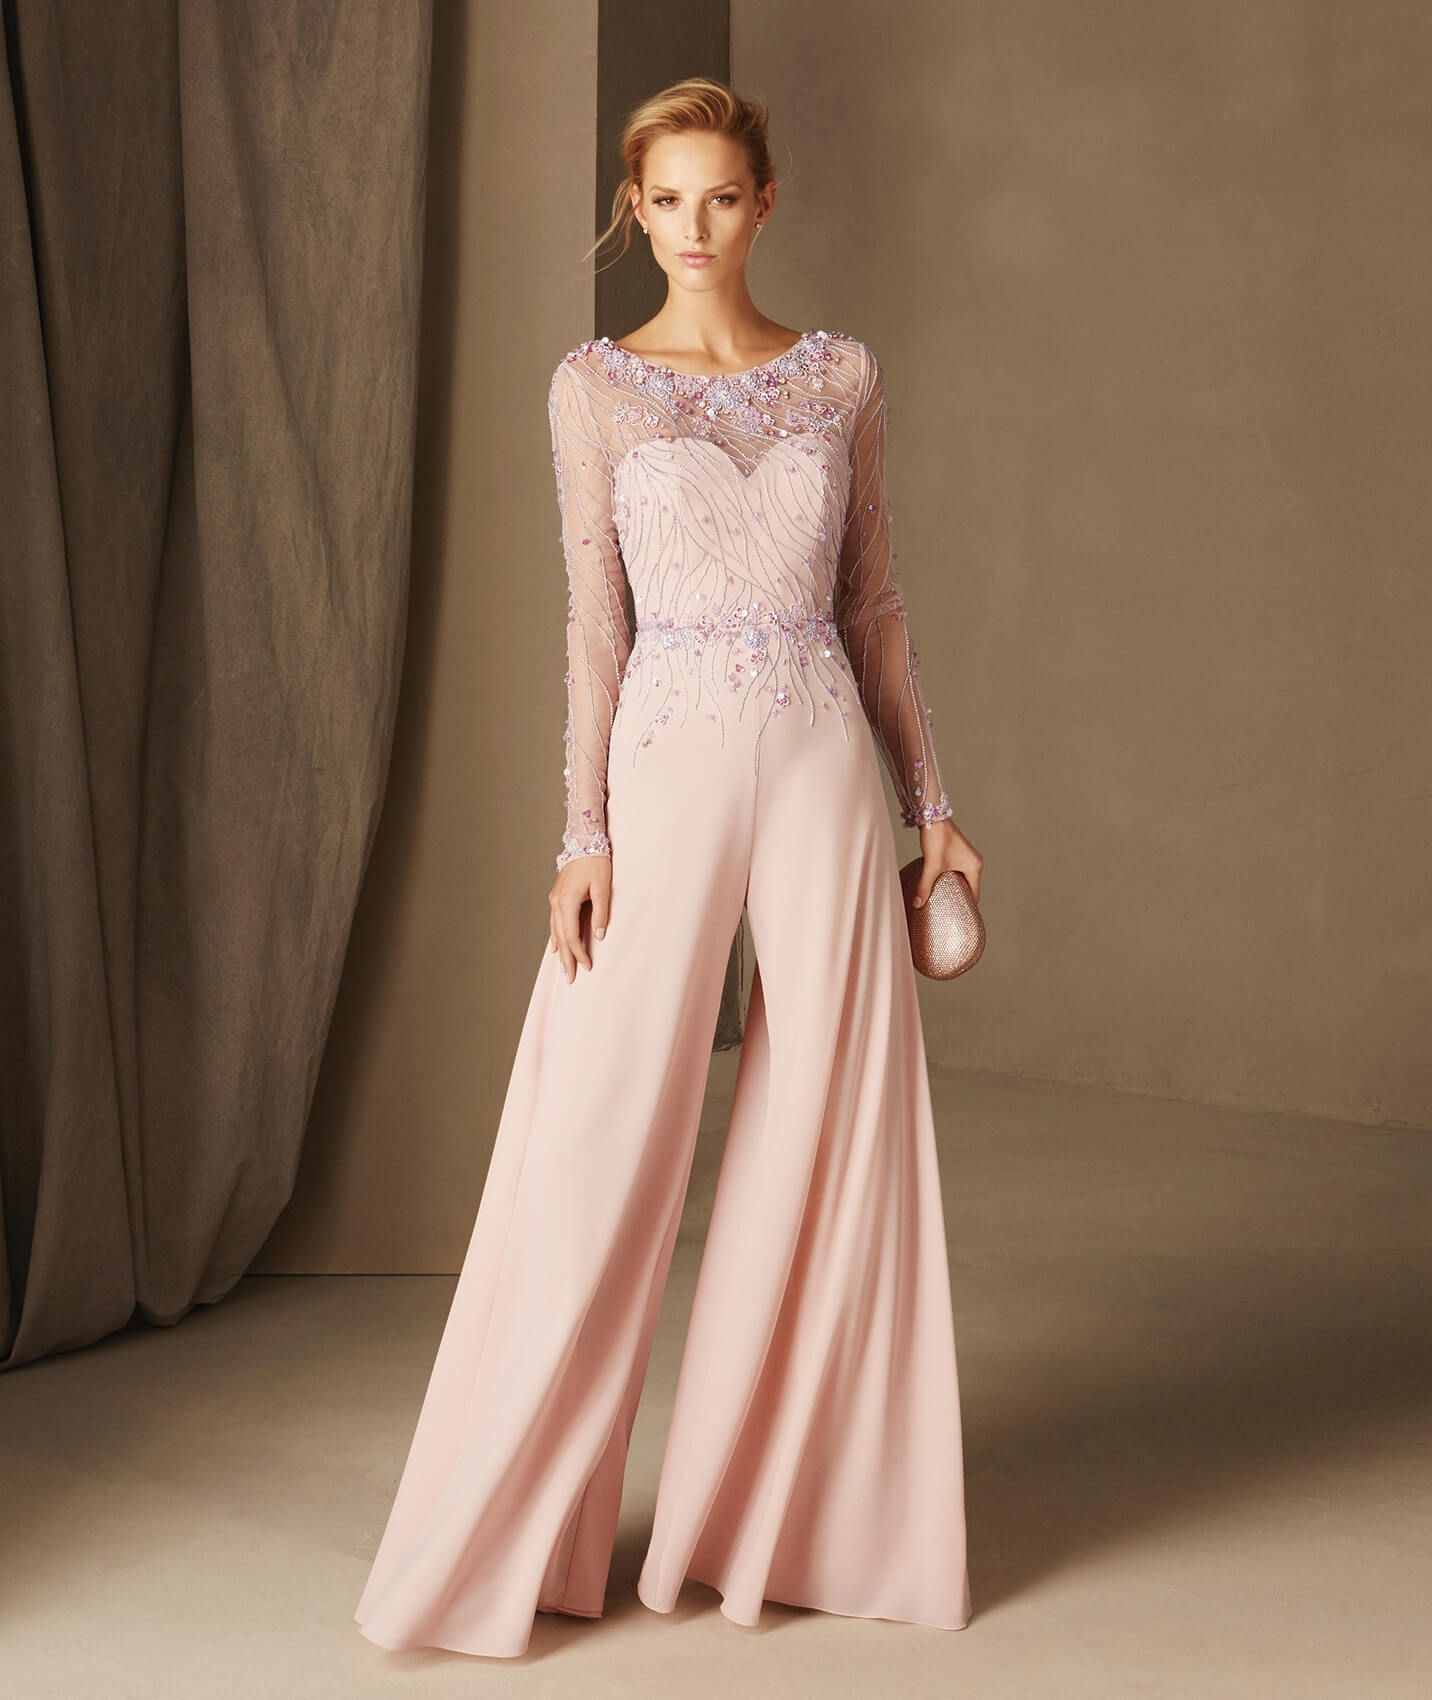 23a65f6a3840 Tuta da cerimonia in color rosa con applicazioni per invitate di  matrimonio. Modello Brenda di Pronovias